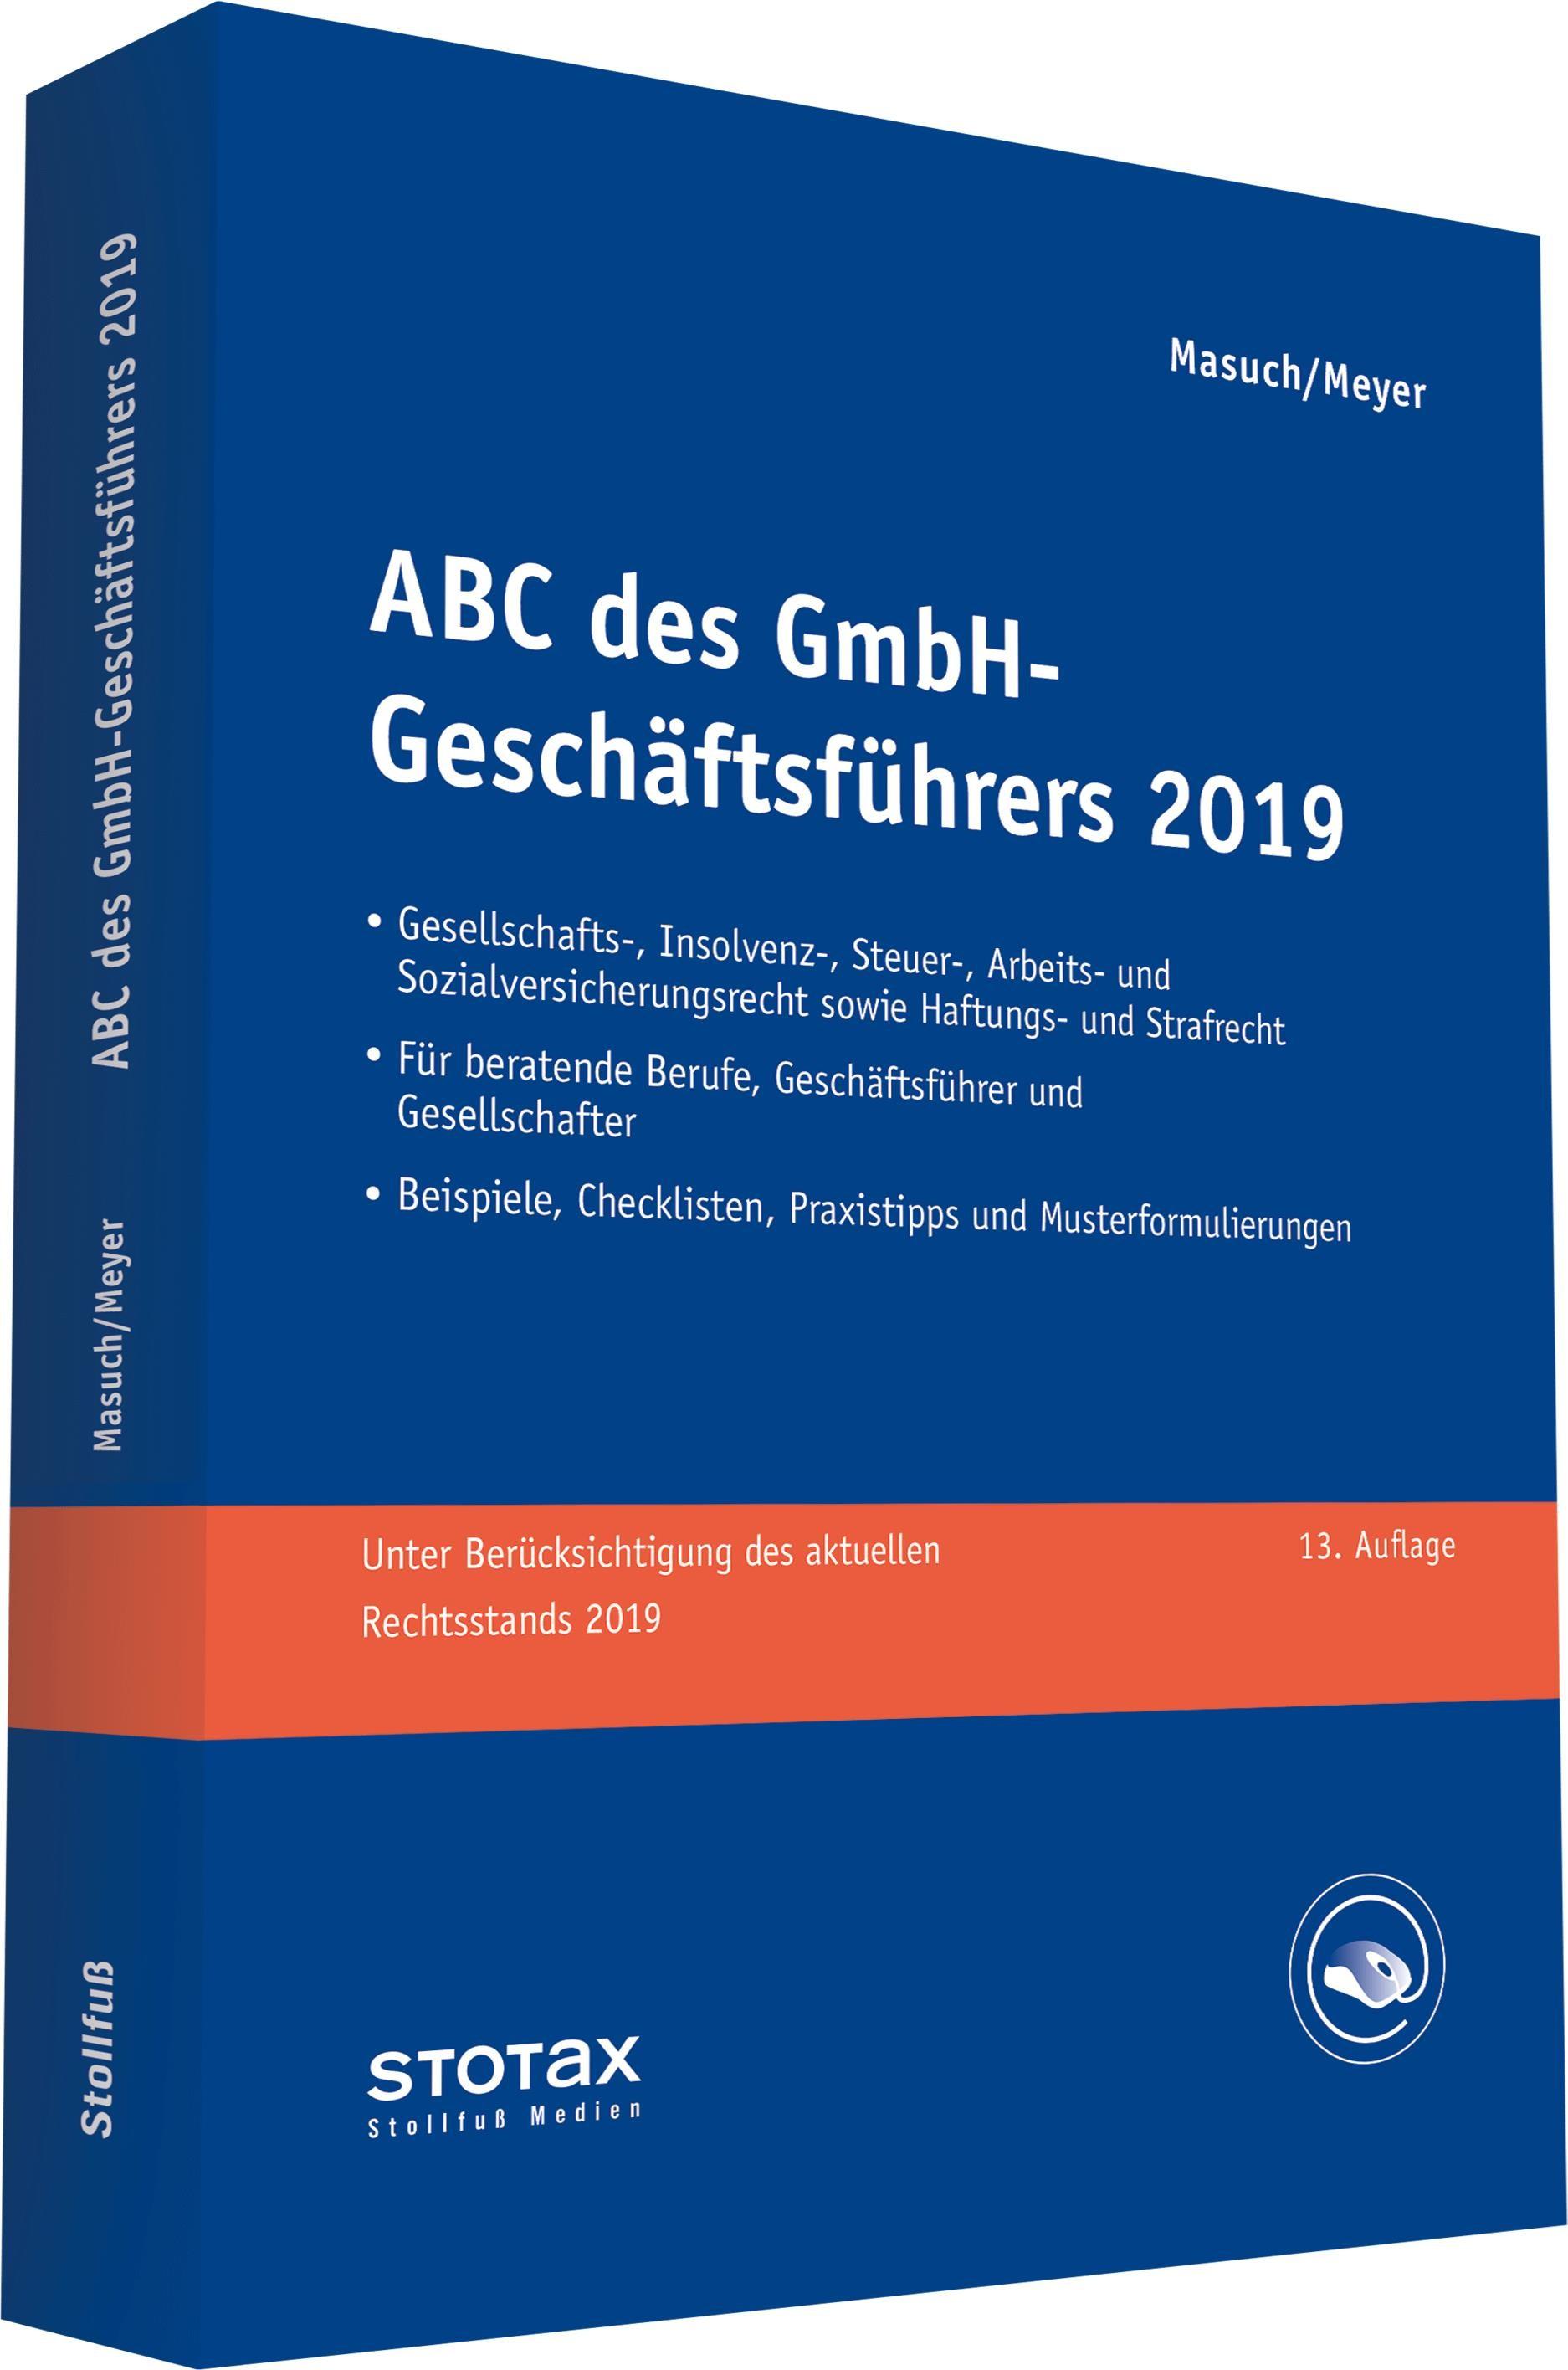 ABC des GmbH-Geschäftsführers 2019 | Masuch / Meyer | 13. Auflage, 2019 | Buch (Cover)